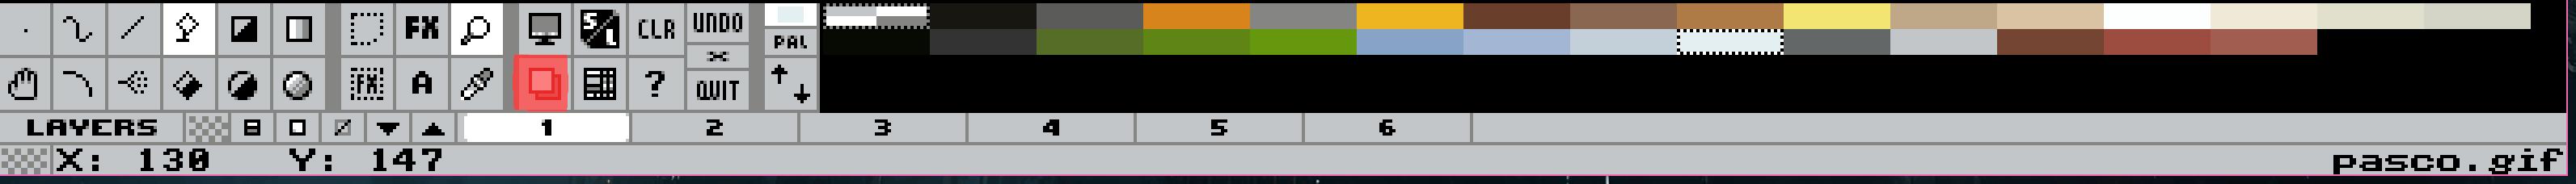 Changer de buffers d'image via la barre d'outils